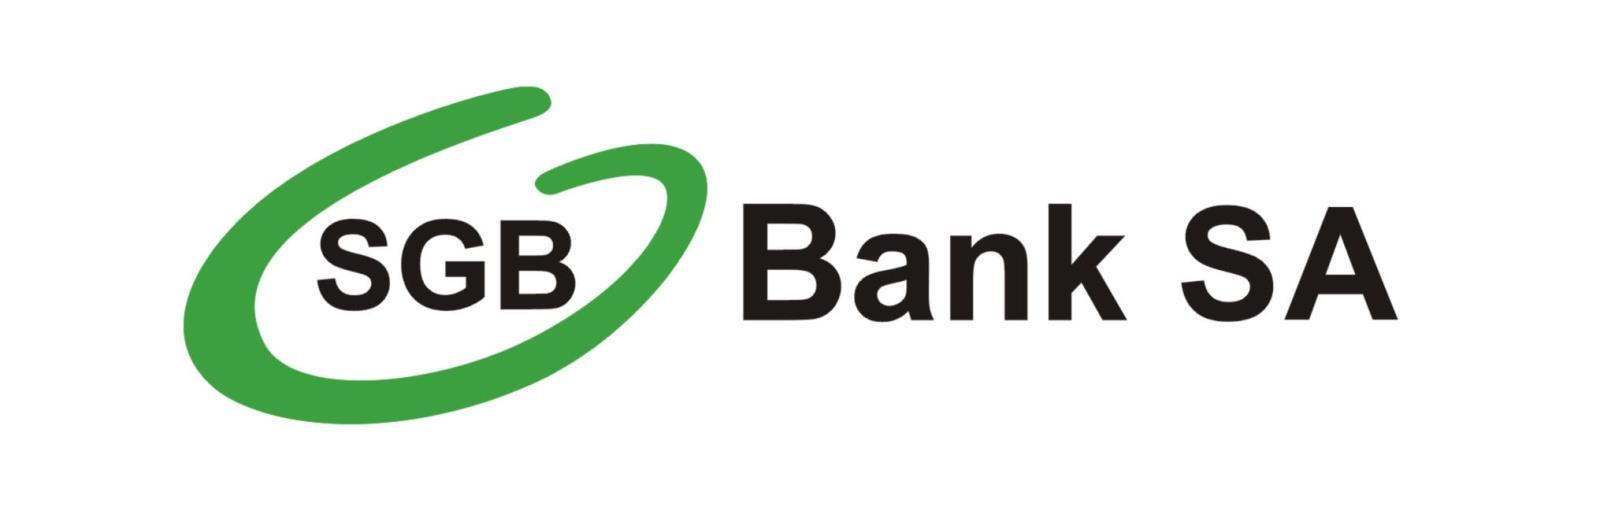 SGB-Bank SA